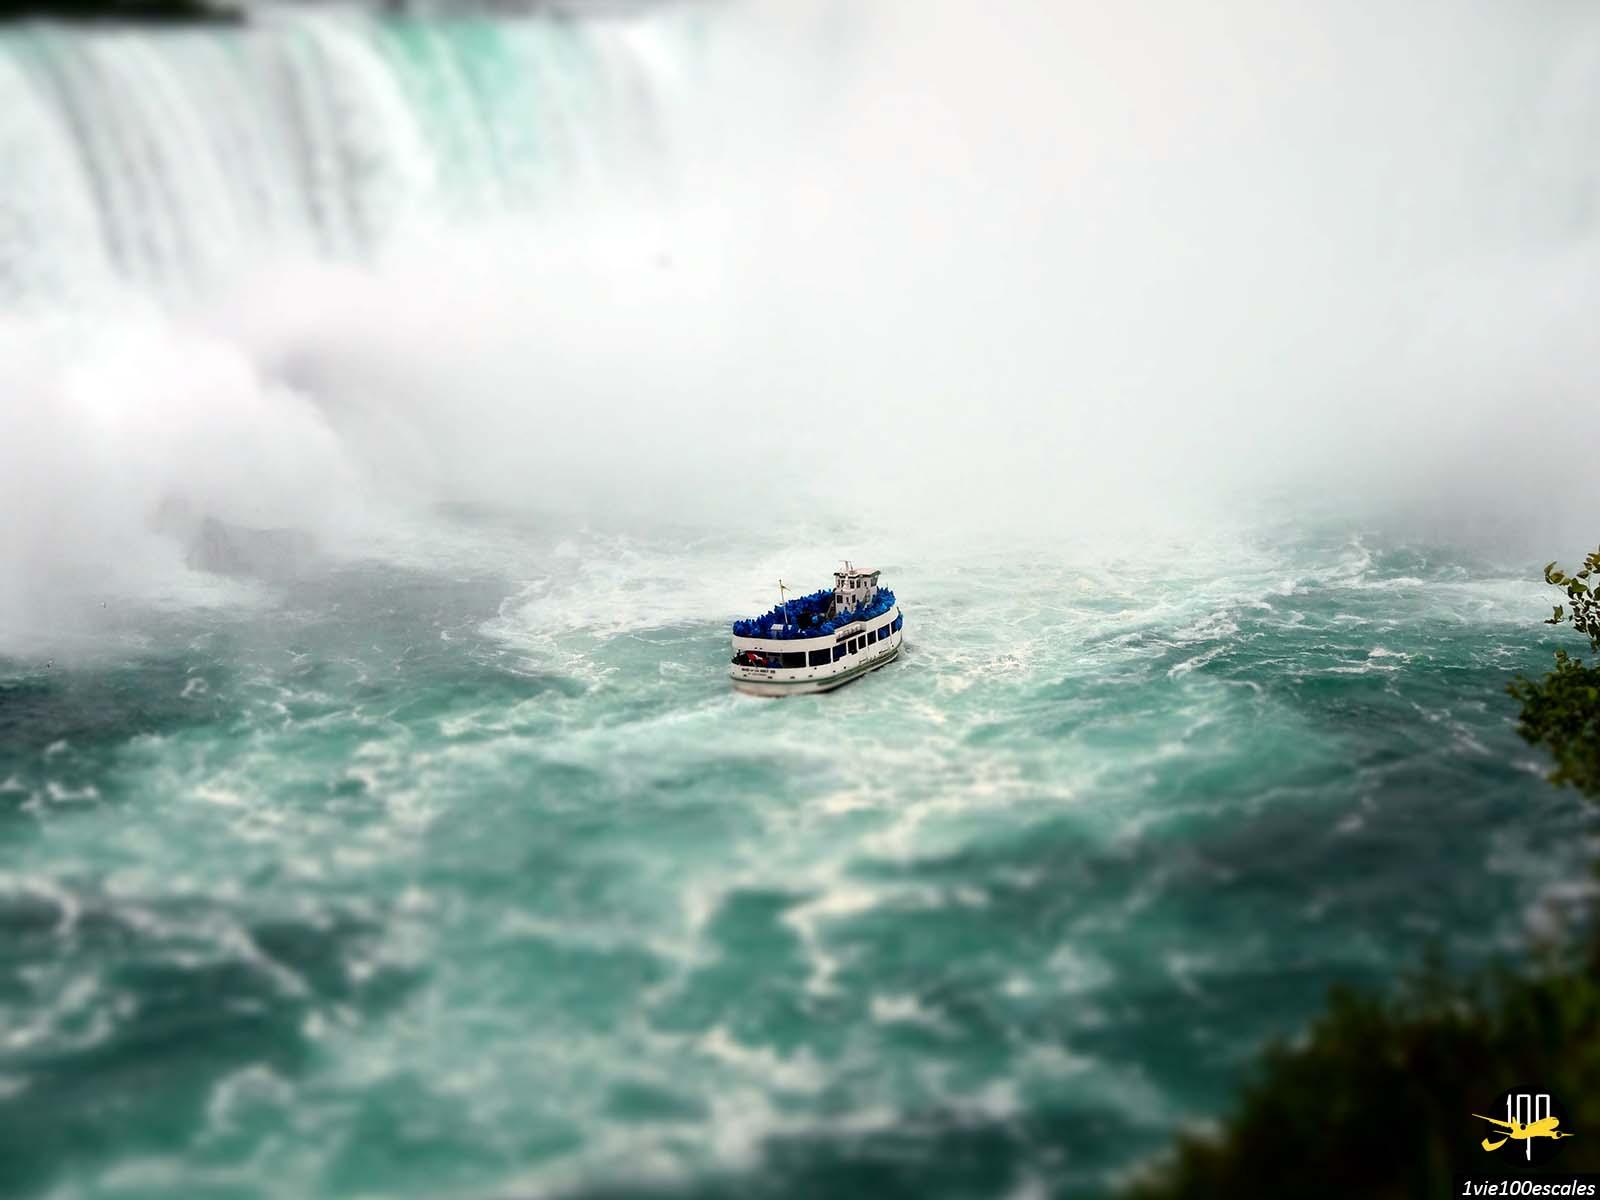 Escale #063 Niagara Falls